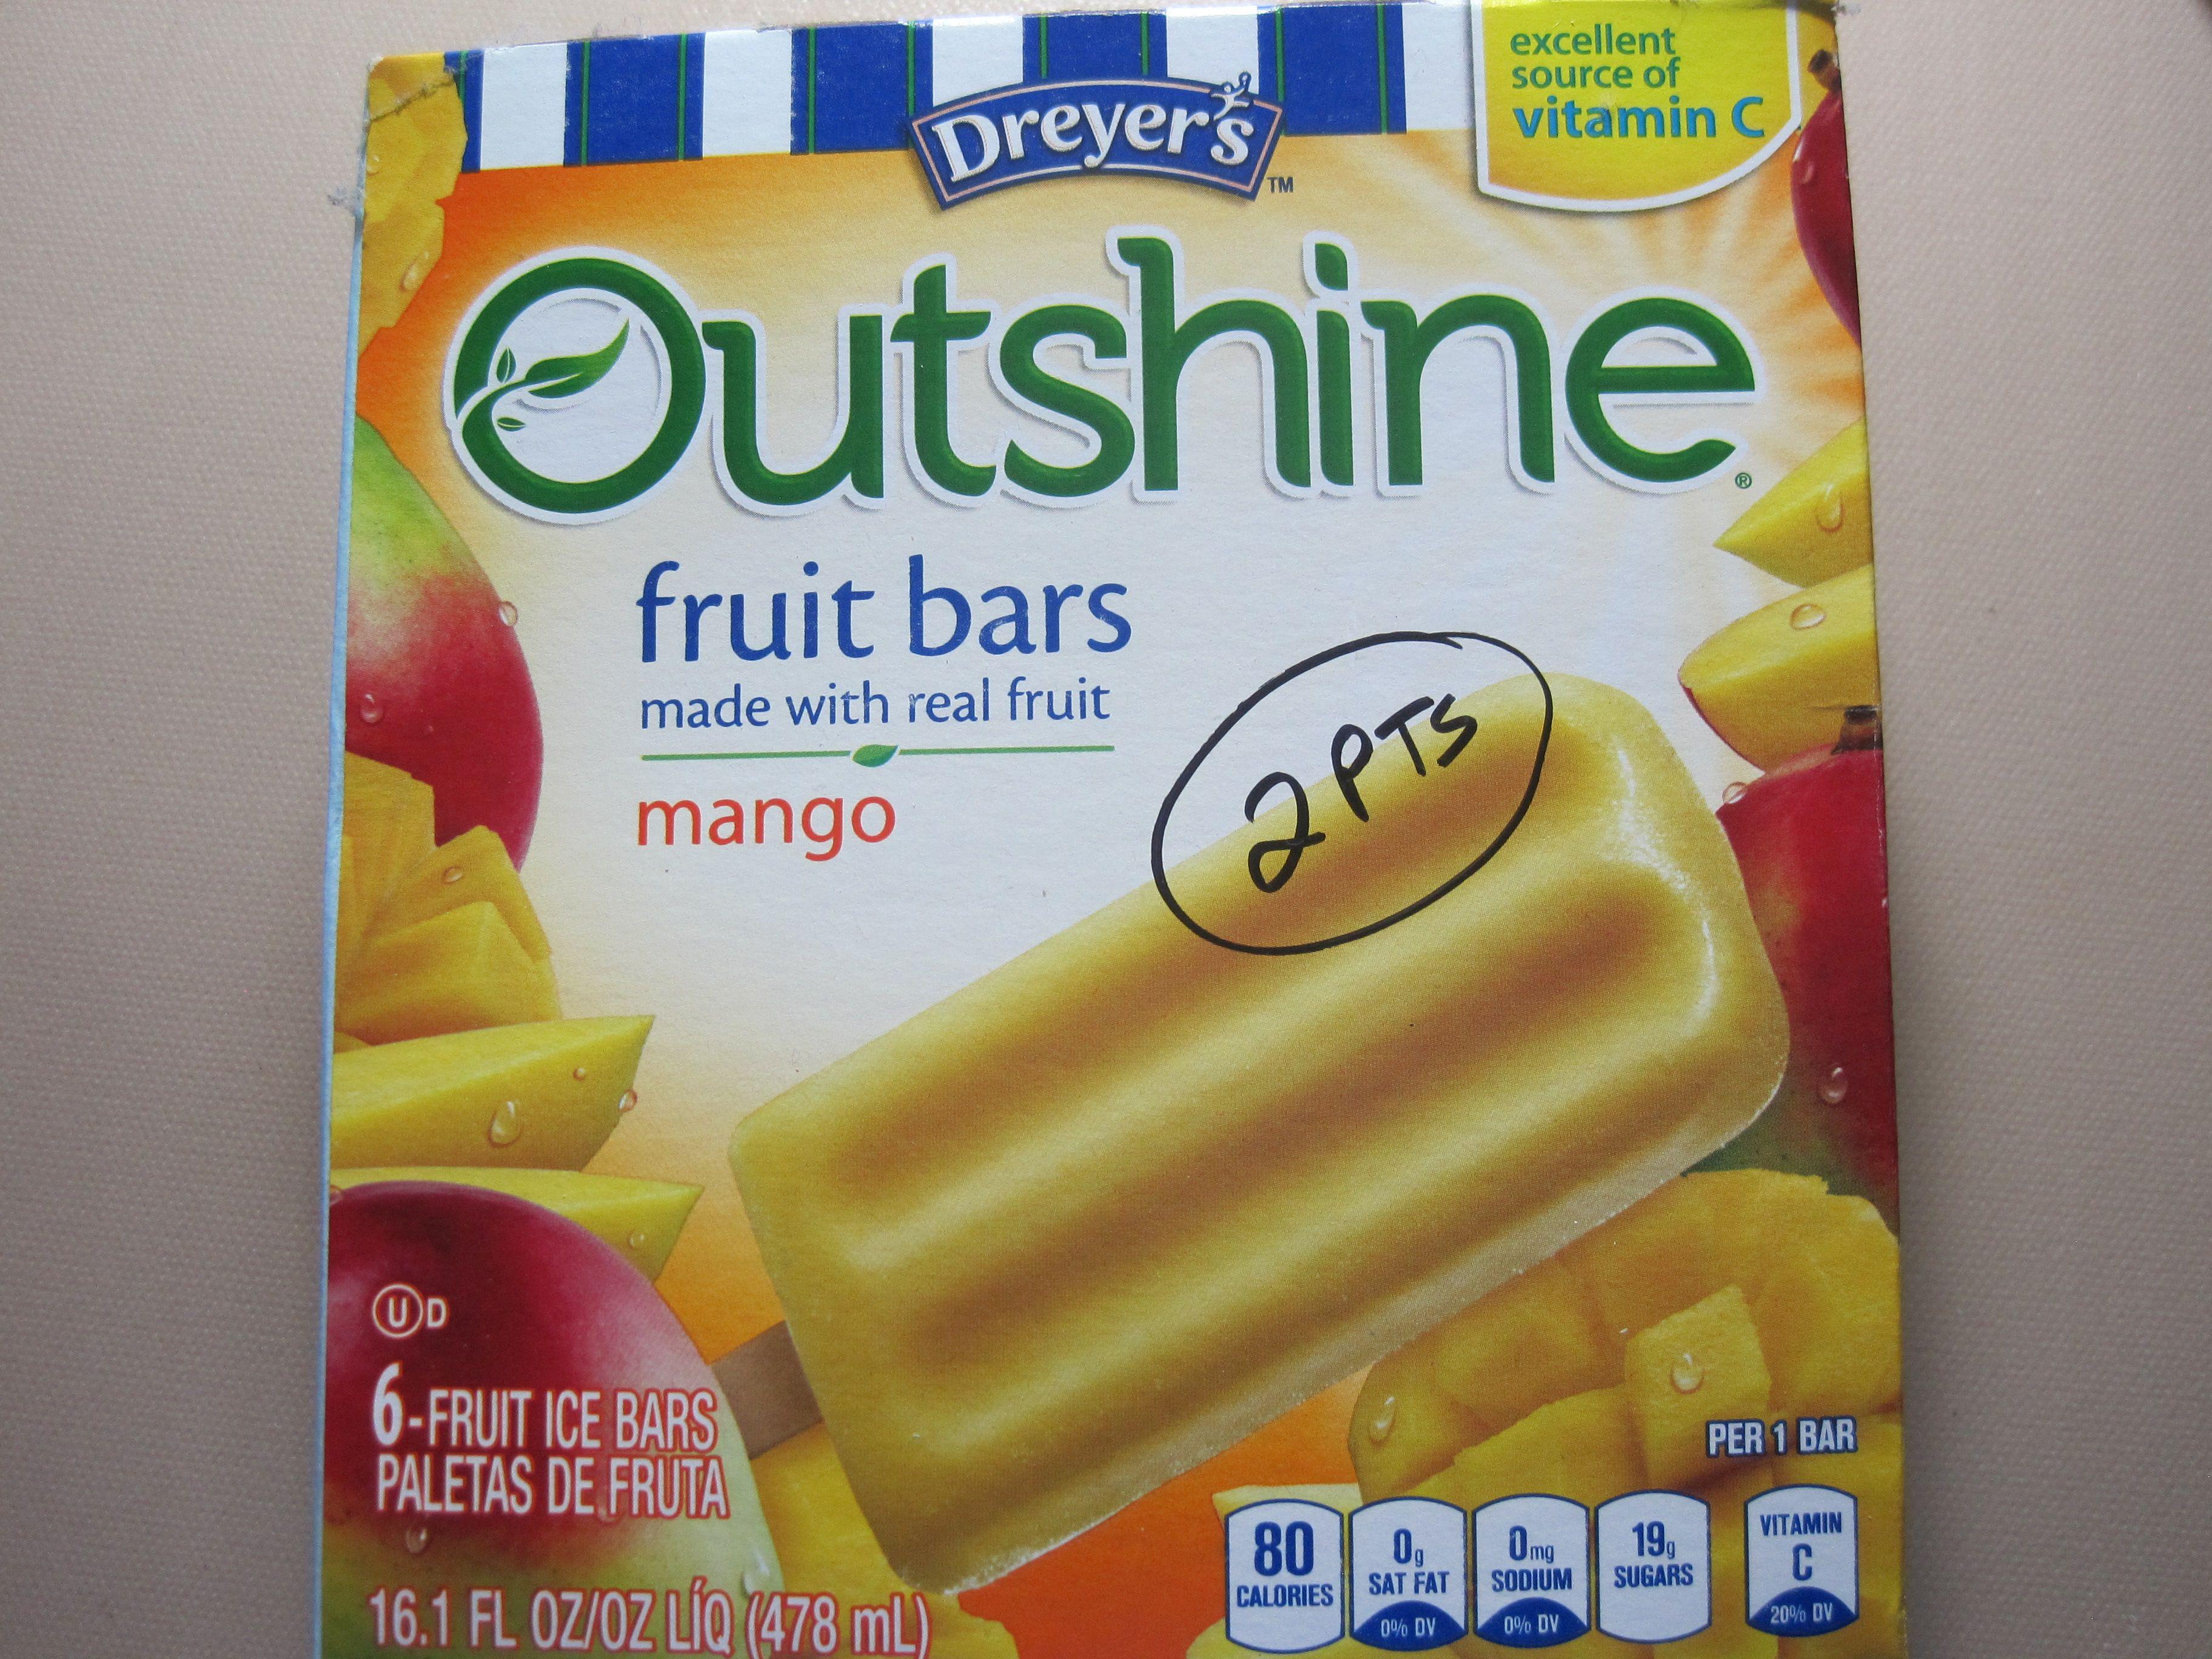 Ww 2pt Outshine Fruit Bars Walmart Frys Low Carb Quick Meals Outshine Fruit Bars Ww Recipes